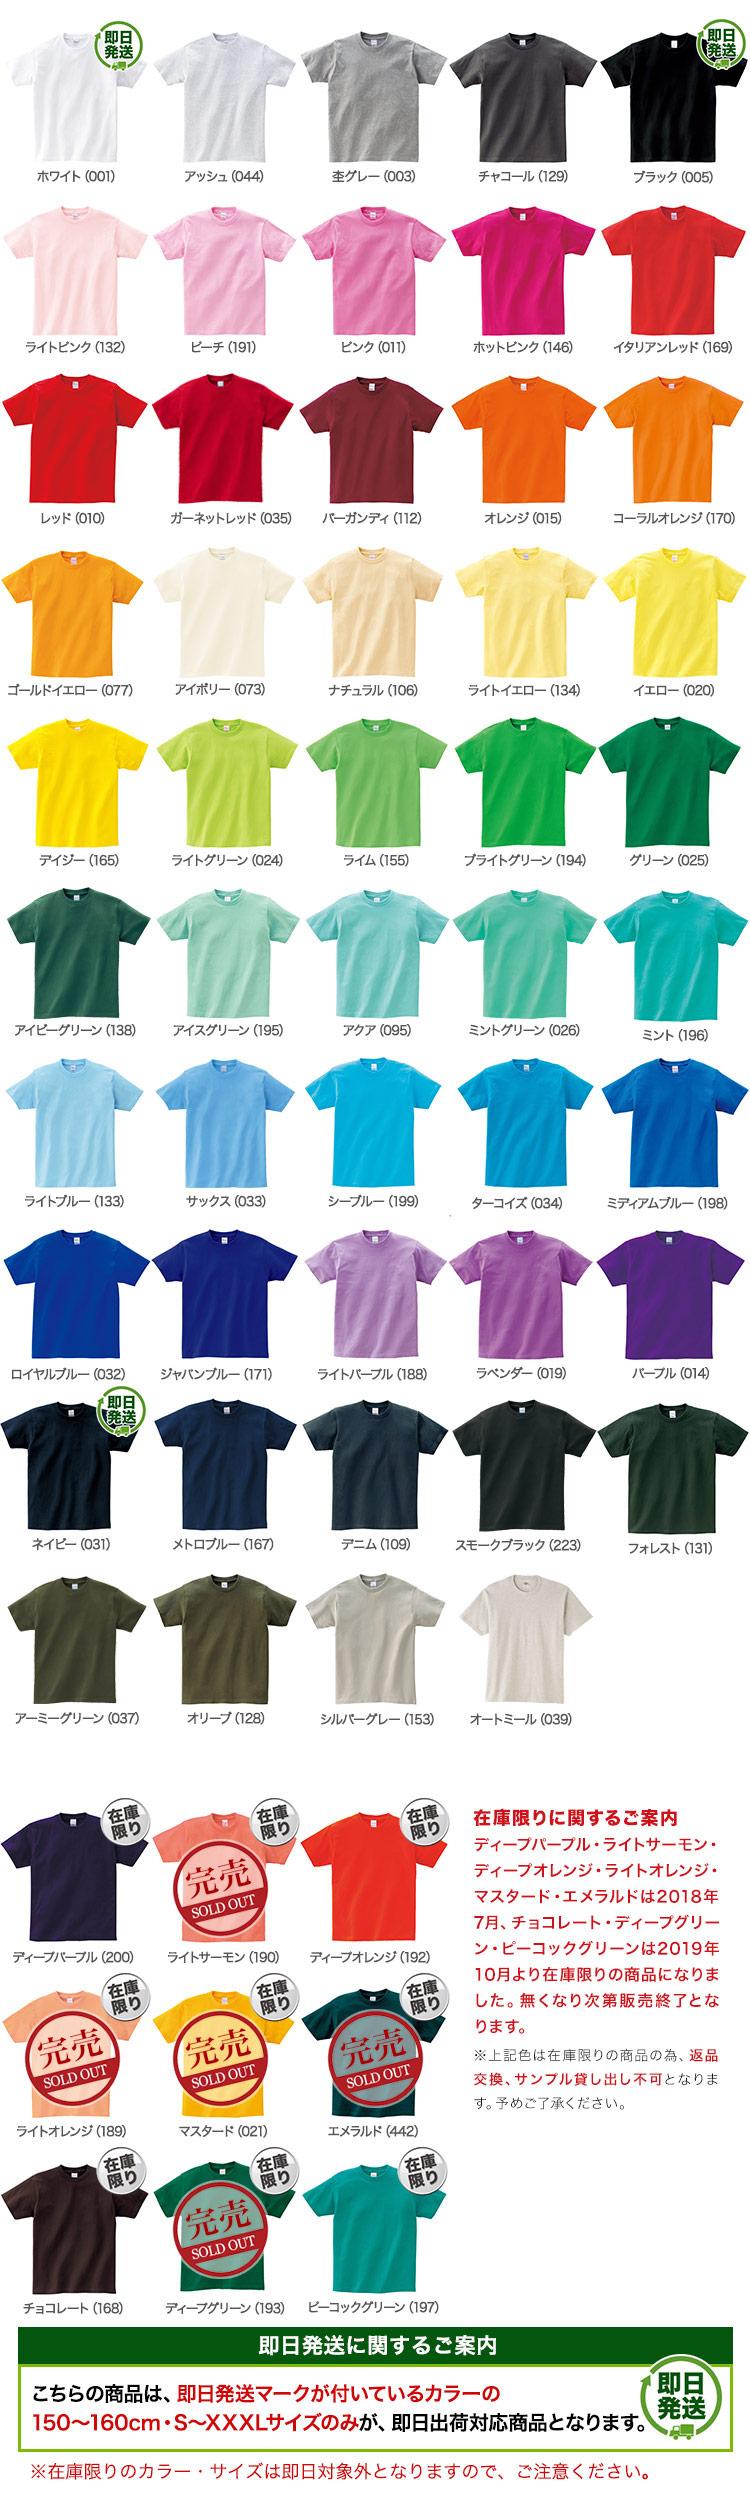 トムスのヘビーウェイトTシャツ(41-00085CVT)のカラーバリエーション画像